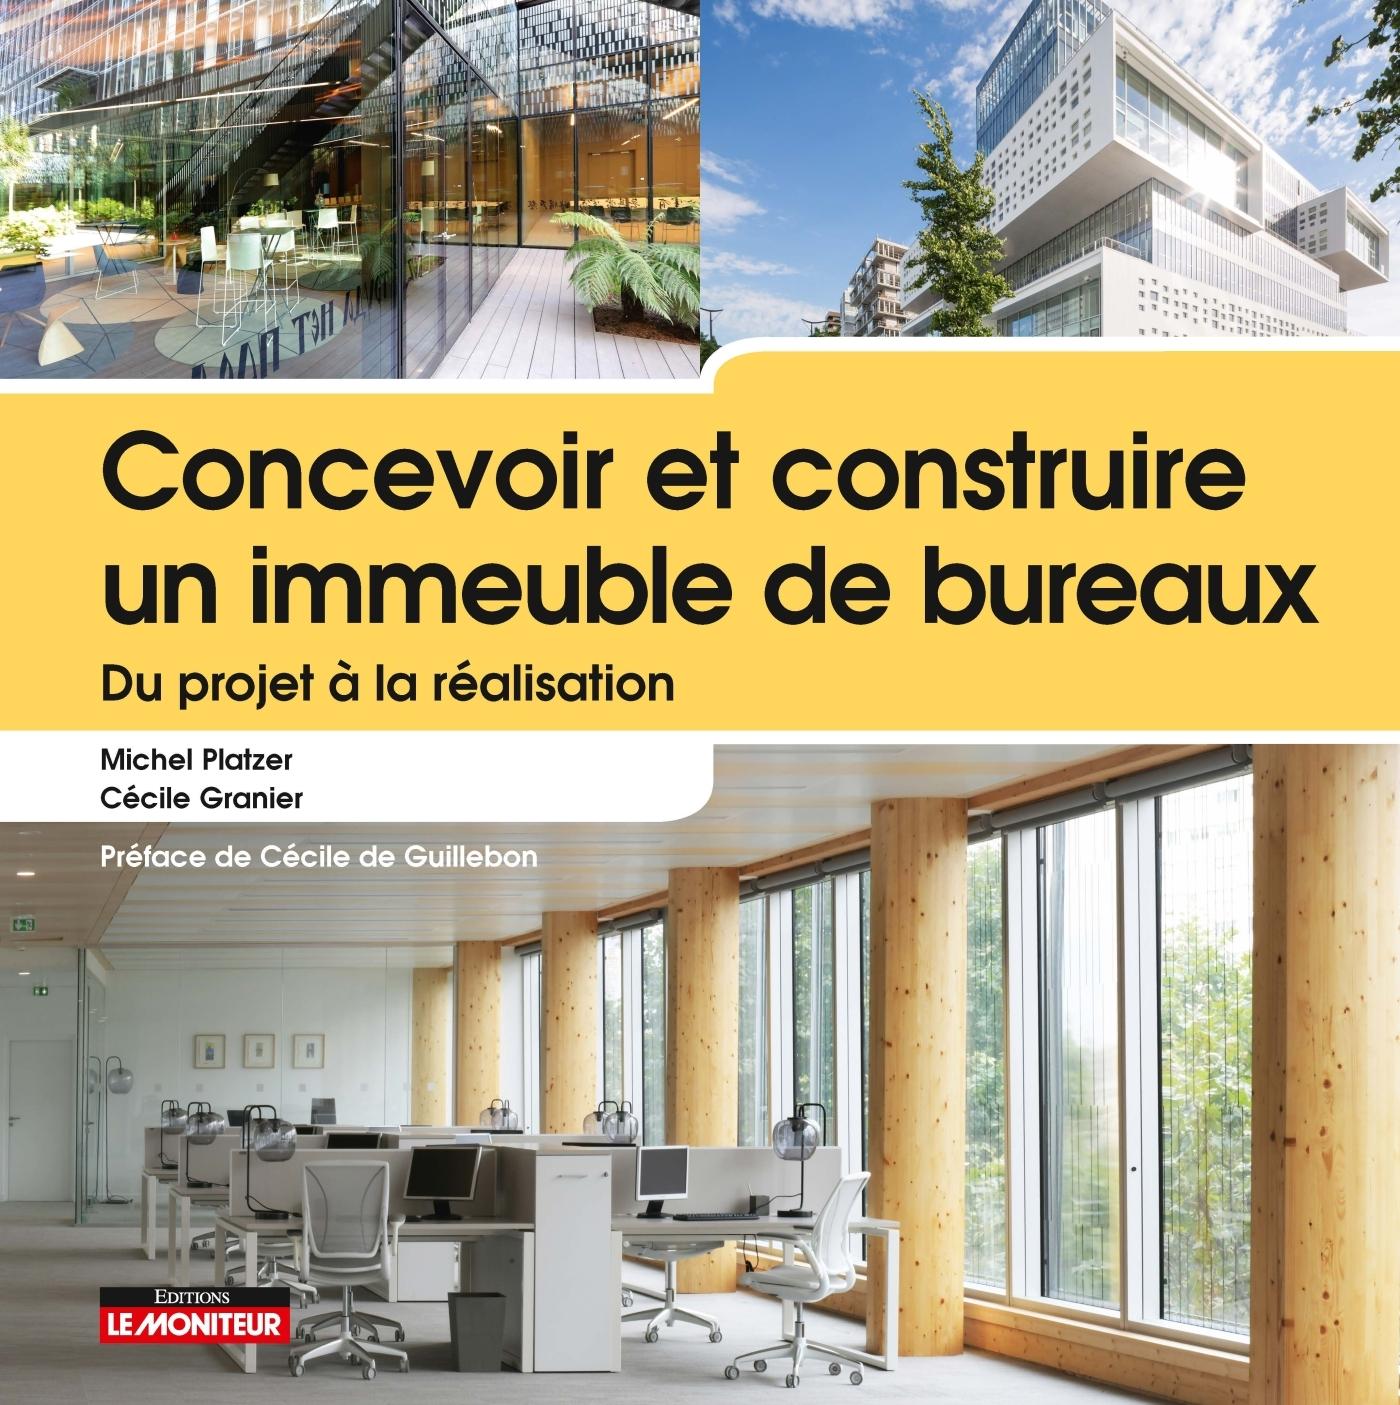 CONCEVOIR ET CONSTRUIRE UN IMMEUBLE DE BUREAUX - DU PROJET A LA REALISATION